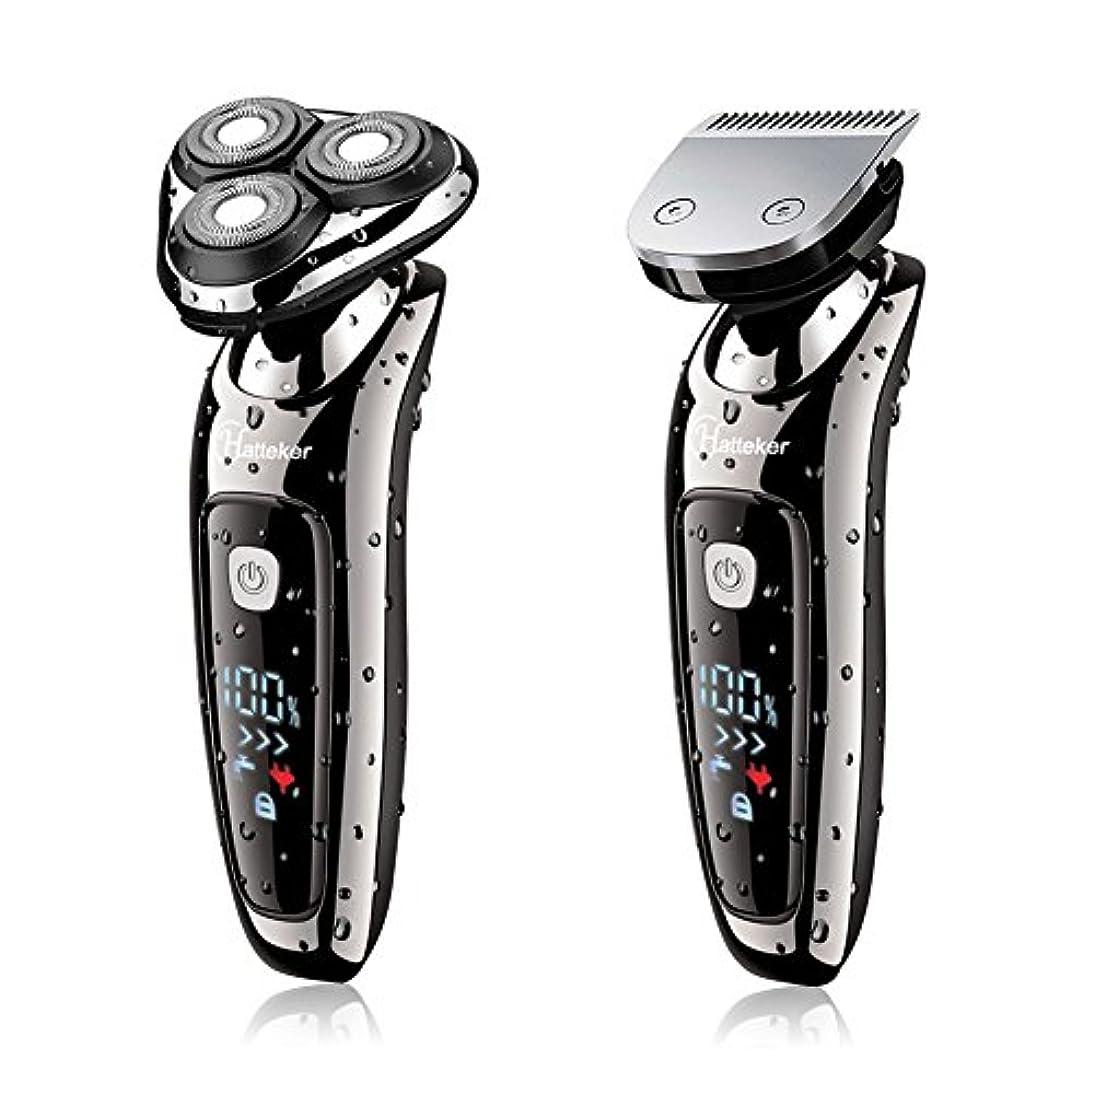 いらいらさせる最愛のぶどうHATTEKER 電気シェーバー メンズ ひげ剃り充電式·交流式 バリカン/ヒゲ トリマーヘッド付き LEDディスプレイ 水洗いOK